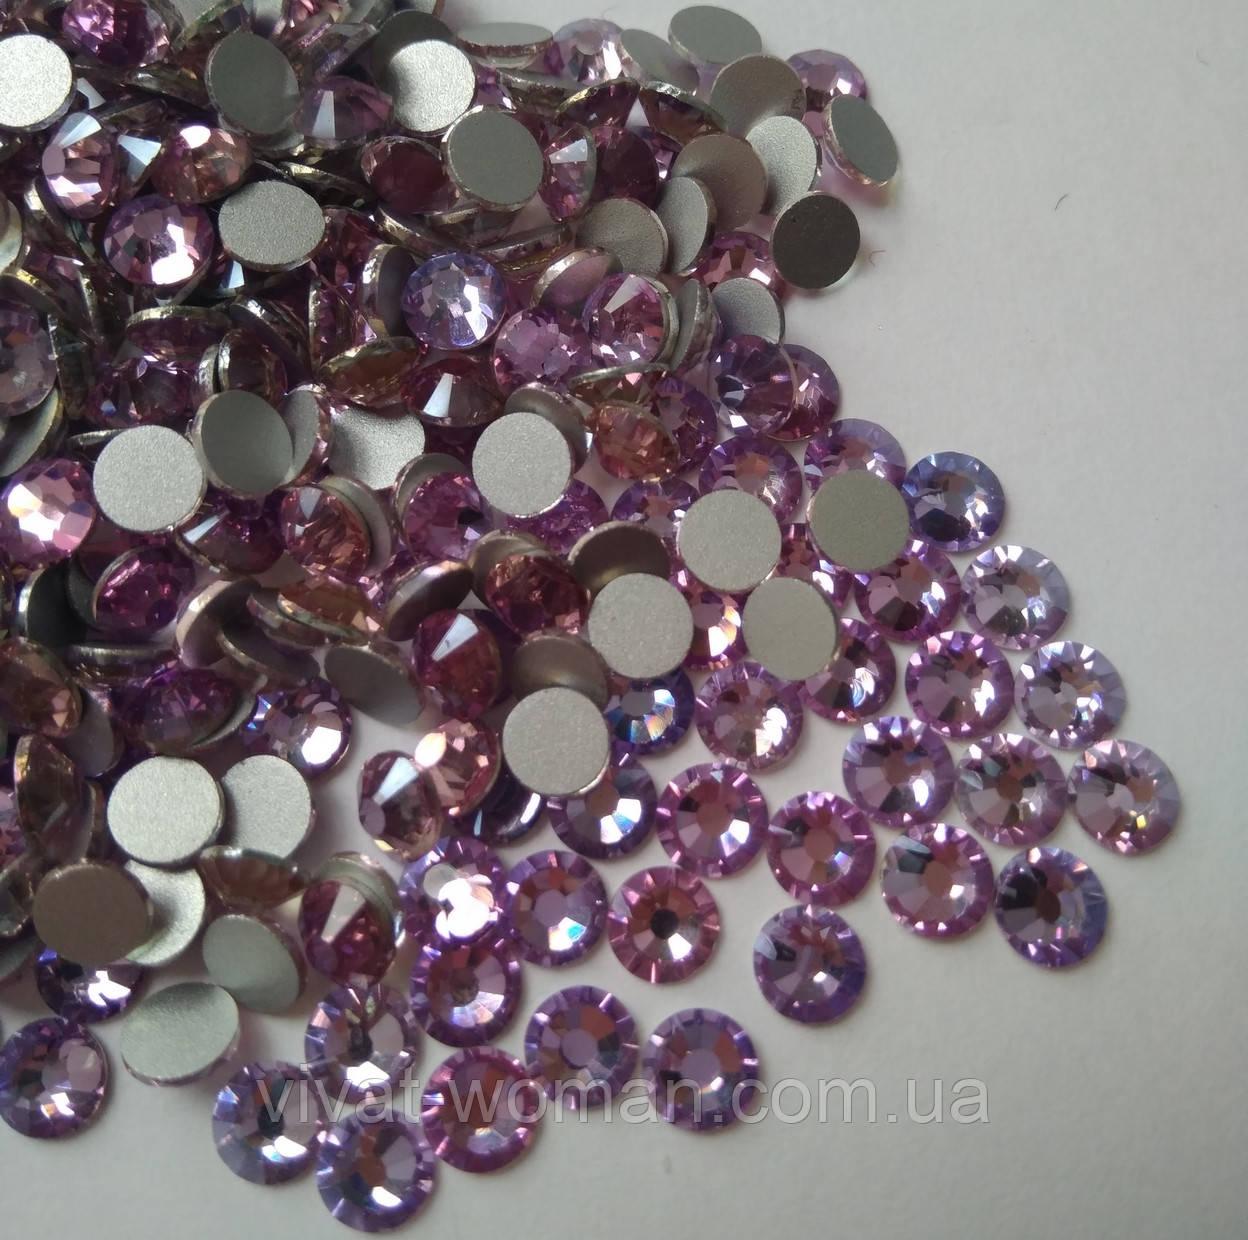 Стразы Премиум Violet Pink SS16 (4 мм) холодной фиксации. Цена за 144 шт